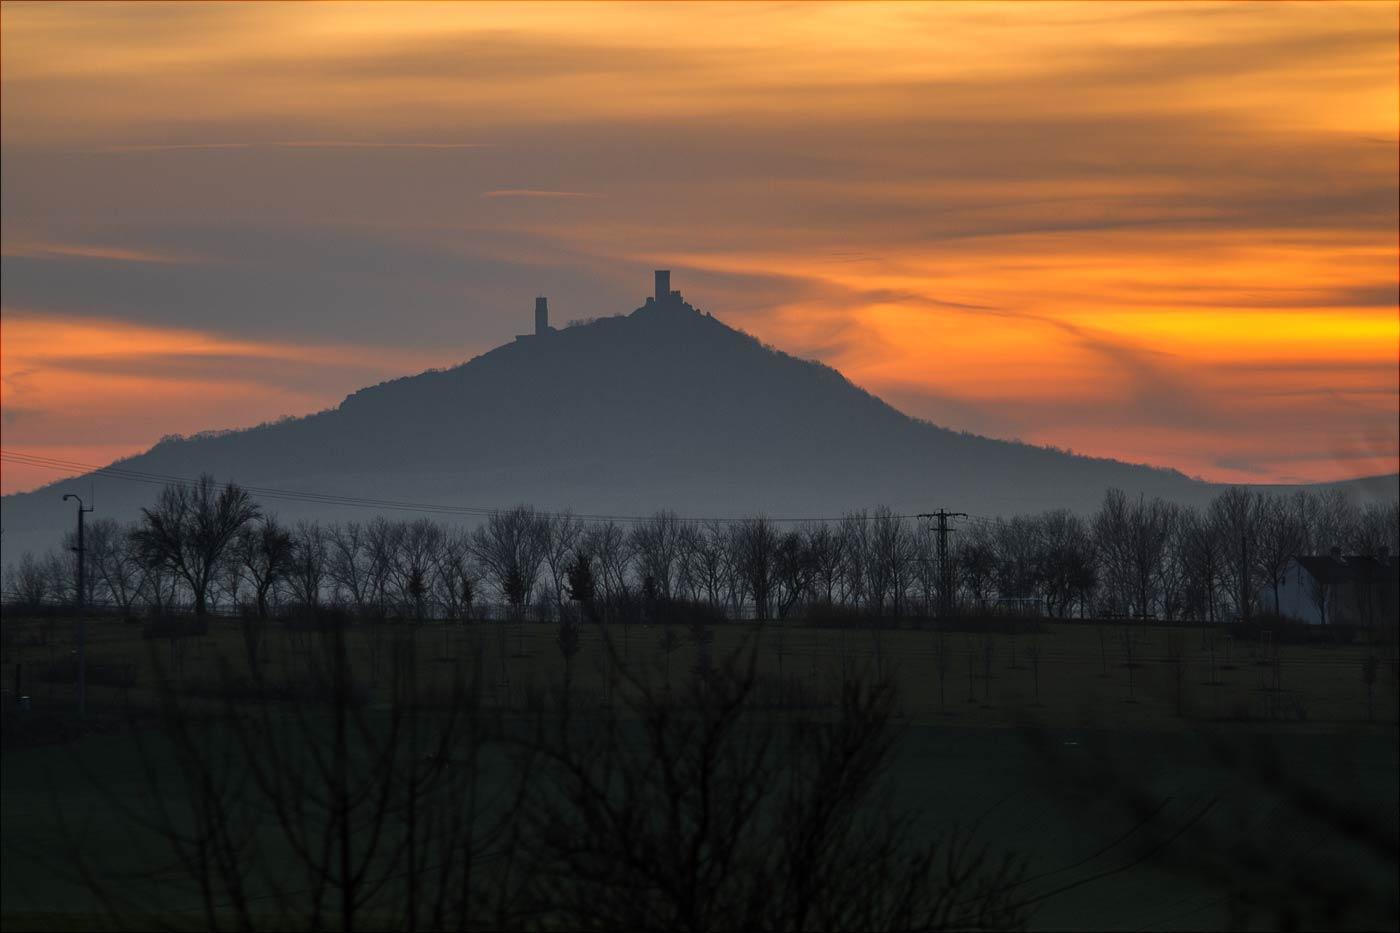 Закат над руинами старого замка, Северная Чехия